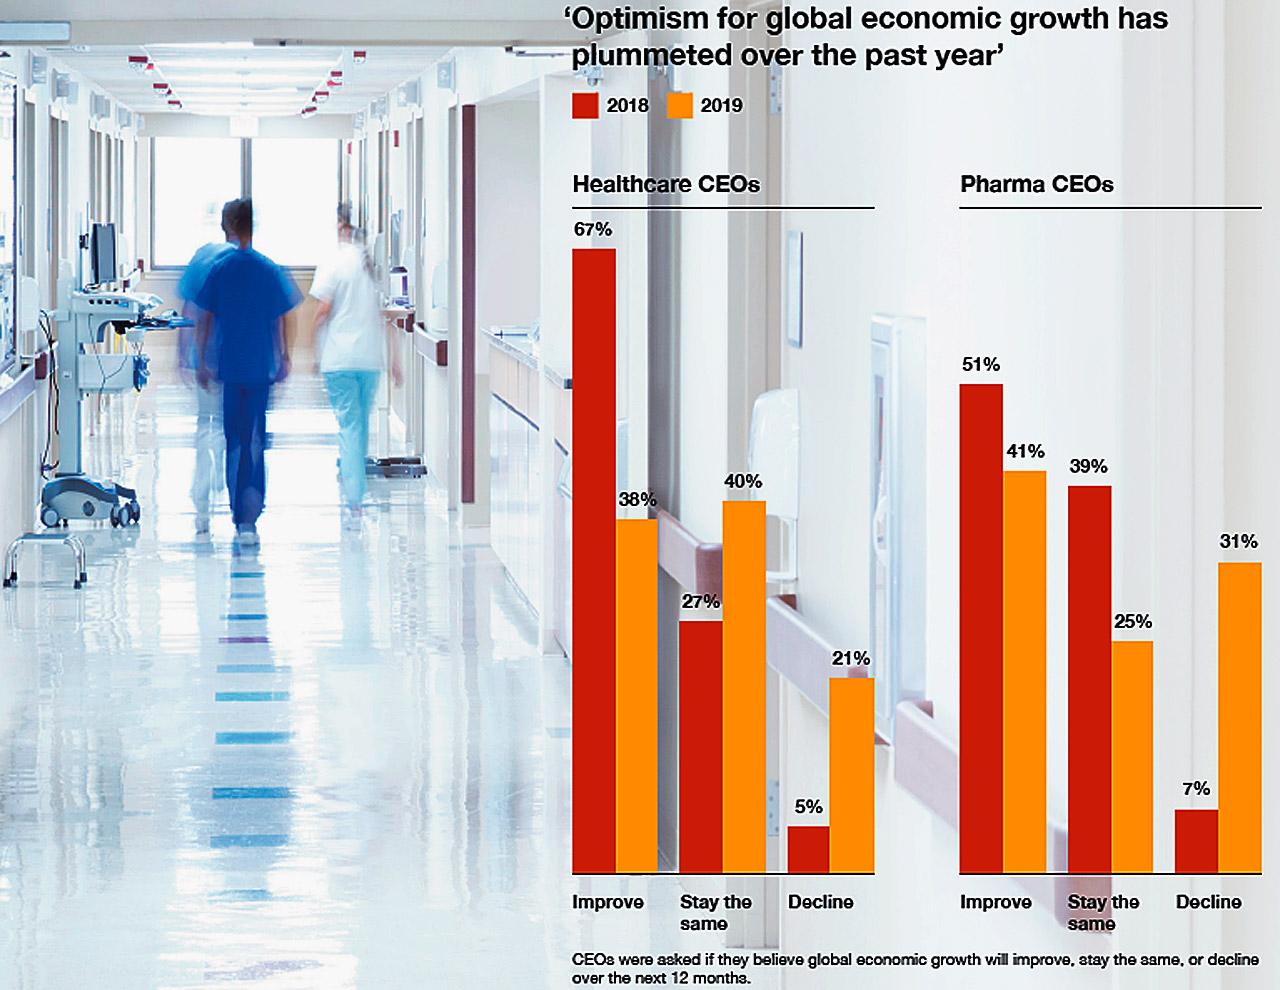 Percepción de los CEO sobre el crecimiento económico global.